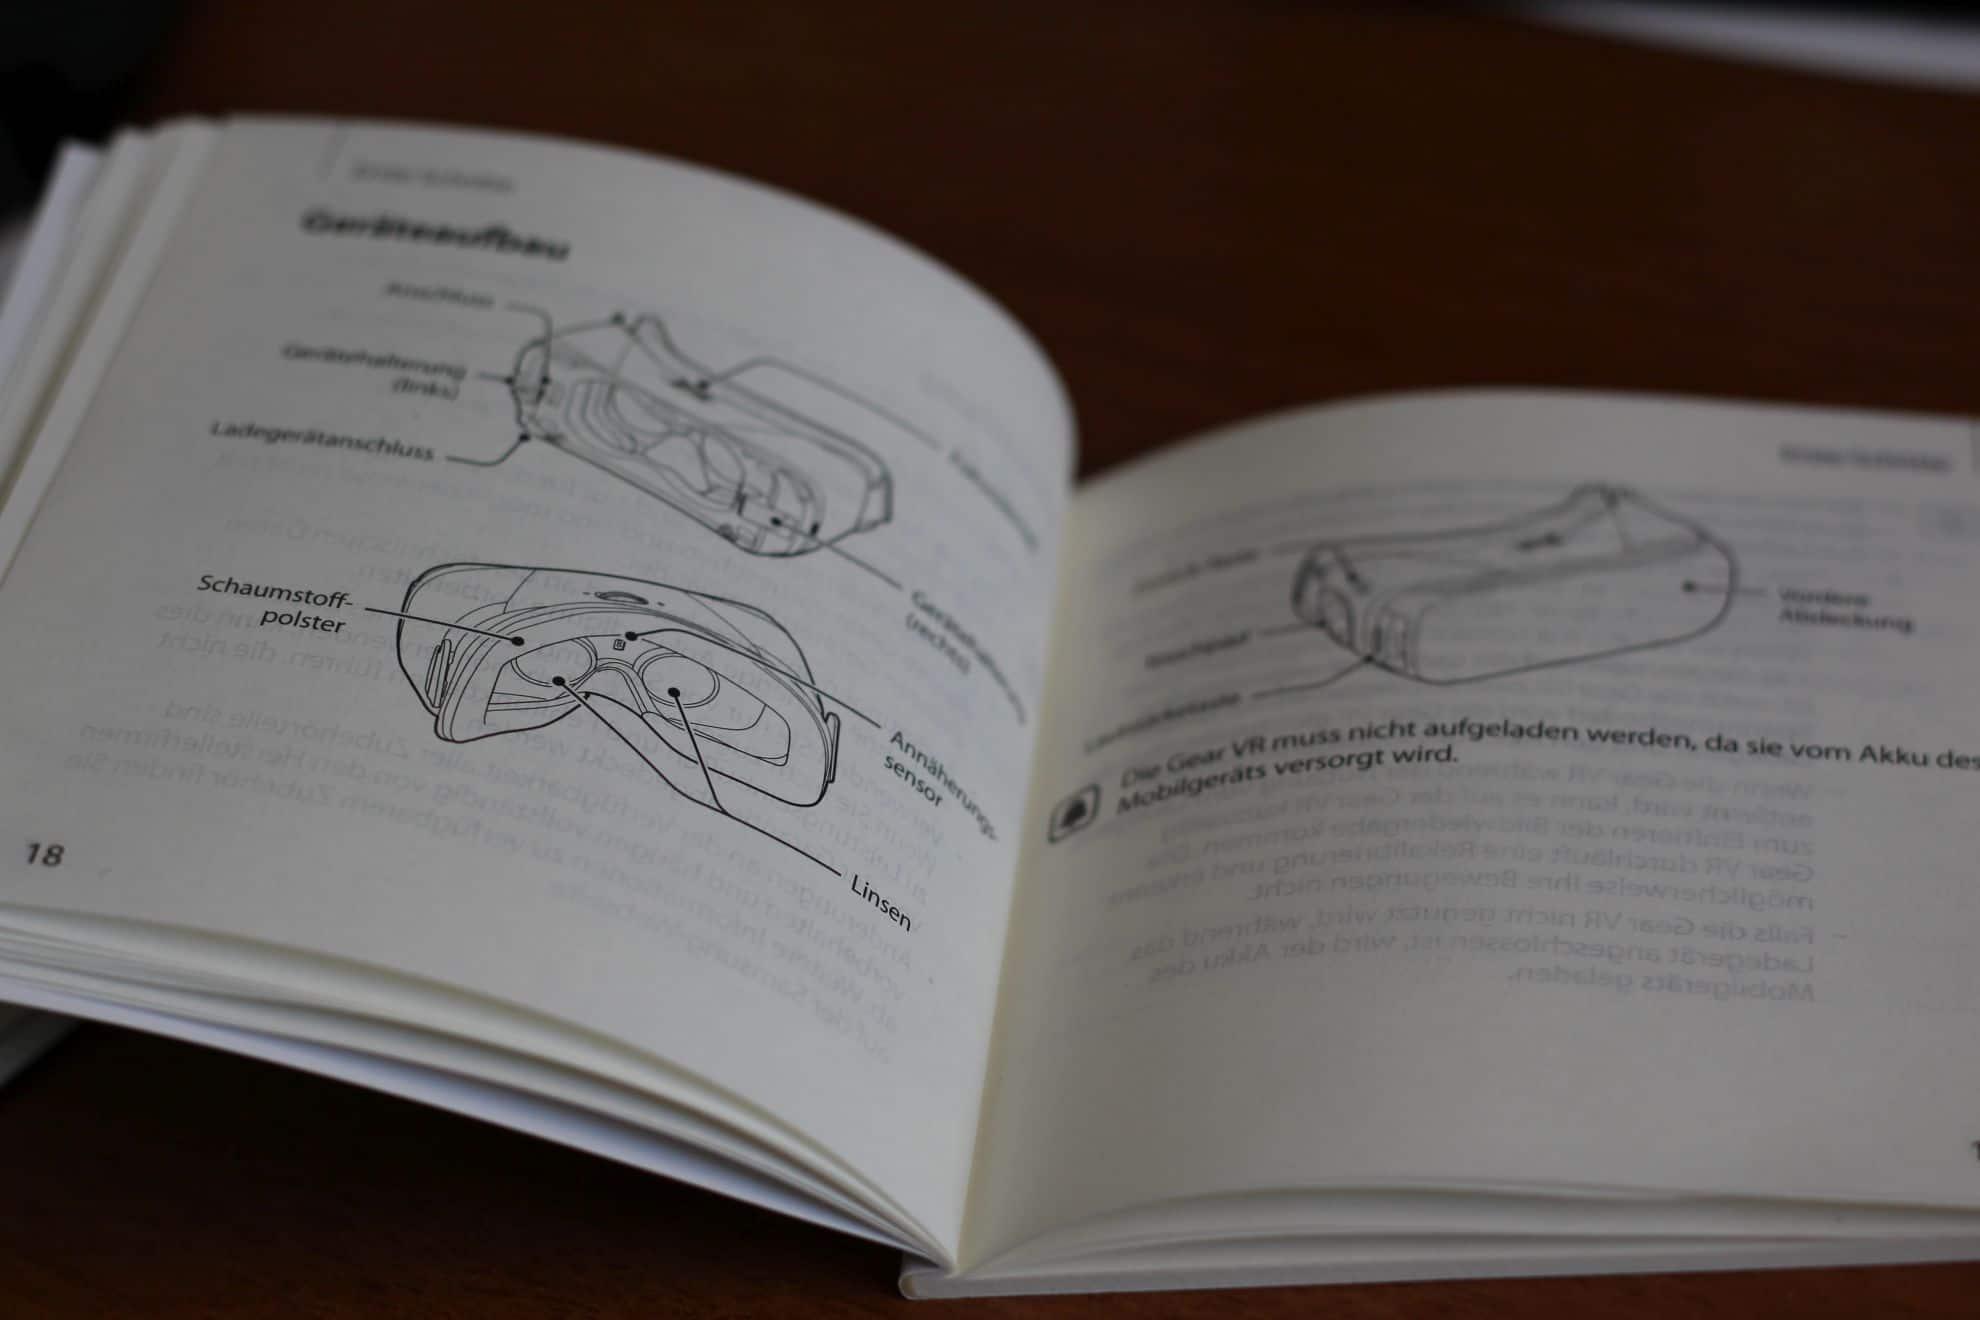 Das Handbuch ist erstaunlich umfang- und hilfreich. (Foto: Sven Wernicke)